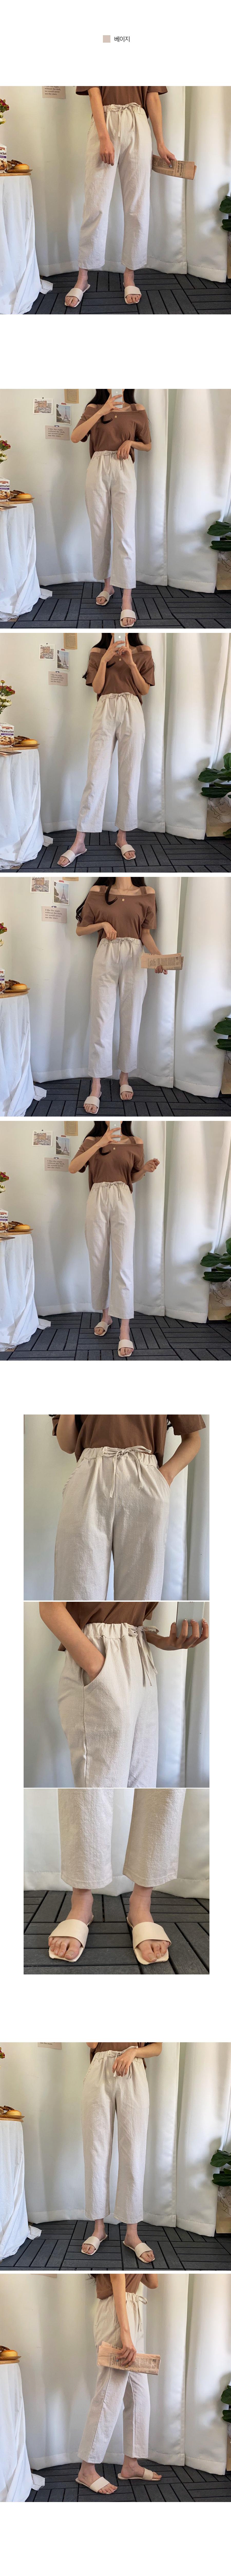 Hemp linen slab pants